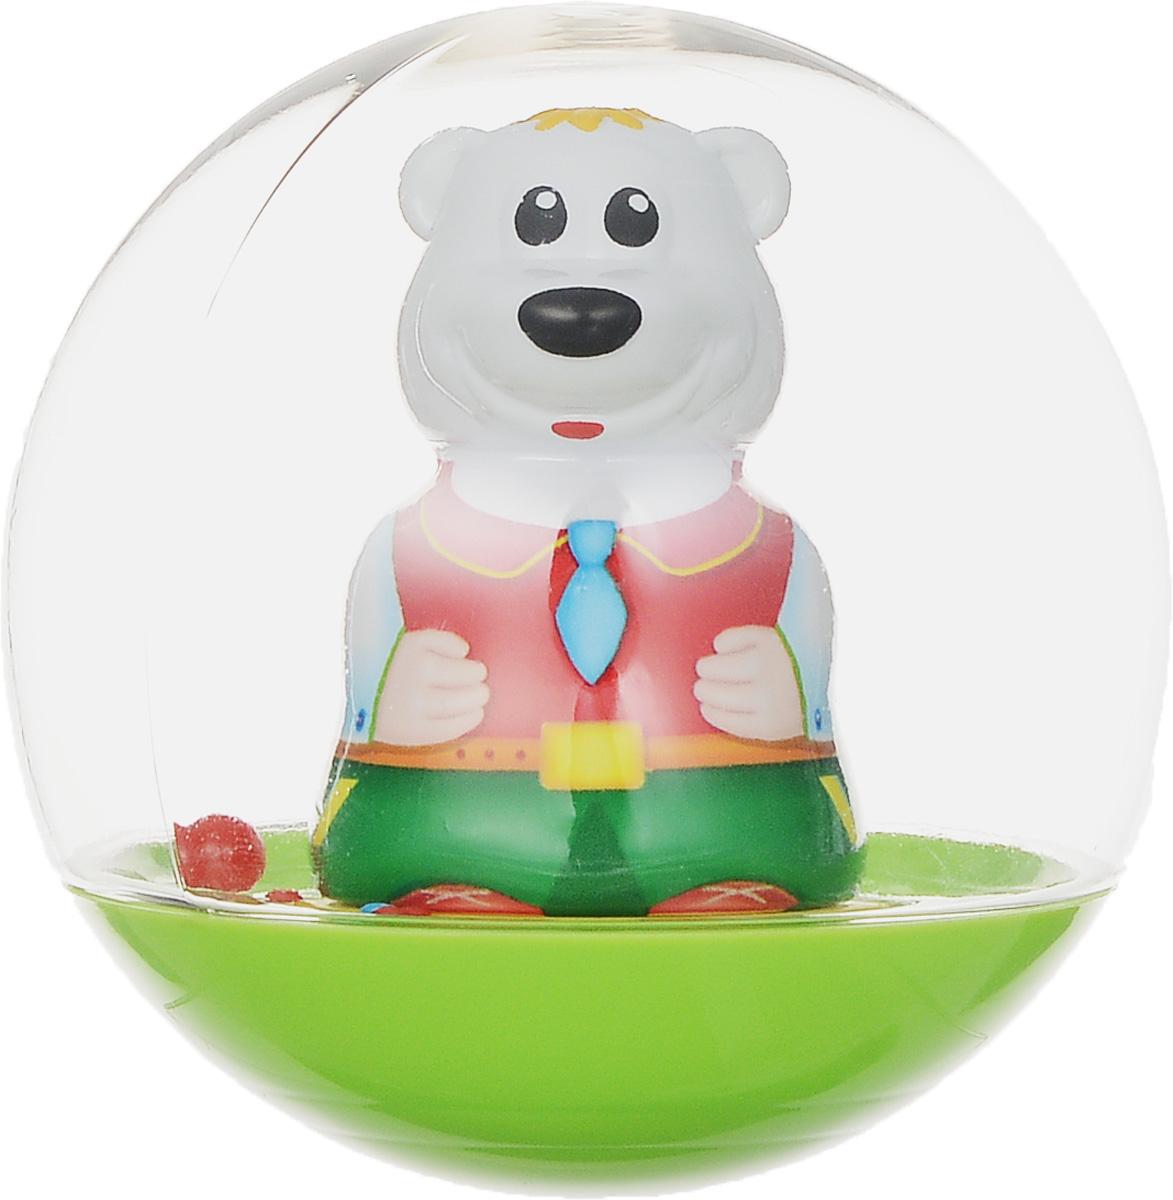 Stellar Погремушка-неваляшка Мишка цвет салатовый красный1578_салатовый, в галстукеПогремушка-неваляшка Stellar Мишка не позволит скучать вашему малышу на улице, дома и во время водных процедур. Игрушка выполнена из безопасного материала в виде симпатичного медвежонка в прозрачном шаре. Неваляшка забавно покачивается под приятный звук погремушки, развлекая малыша. Игра с неваляшкой способствует развитию мелкой моторики, координации, слуха и цветового восприятия. УВАЖАЕМЫЕ КЛИЕНТЫ! Обращаем ваше внимание на возможные изменения в дизайне, связанные с ассортиментом продукции. Поставка осуществляется в зависимости от наличия на складе.